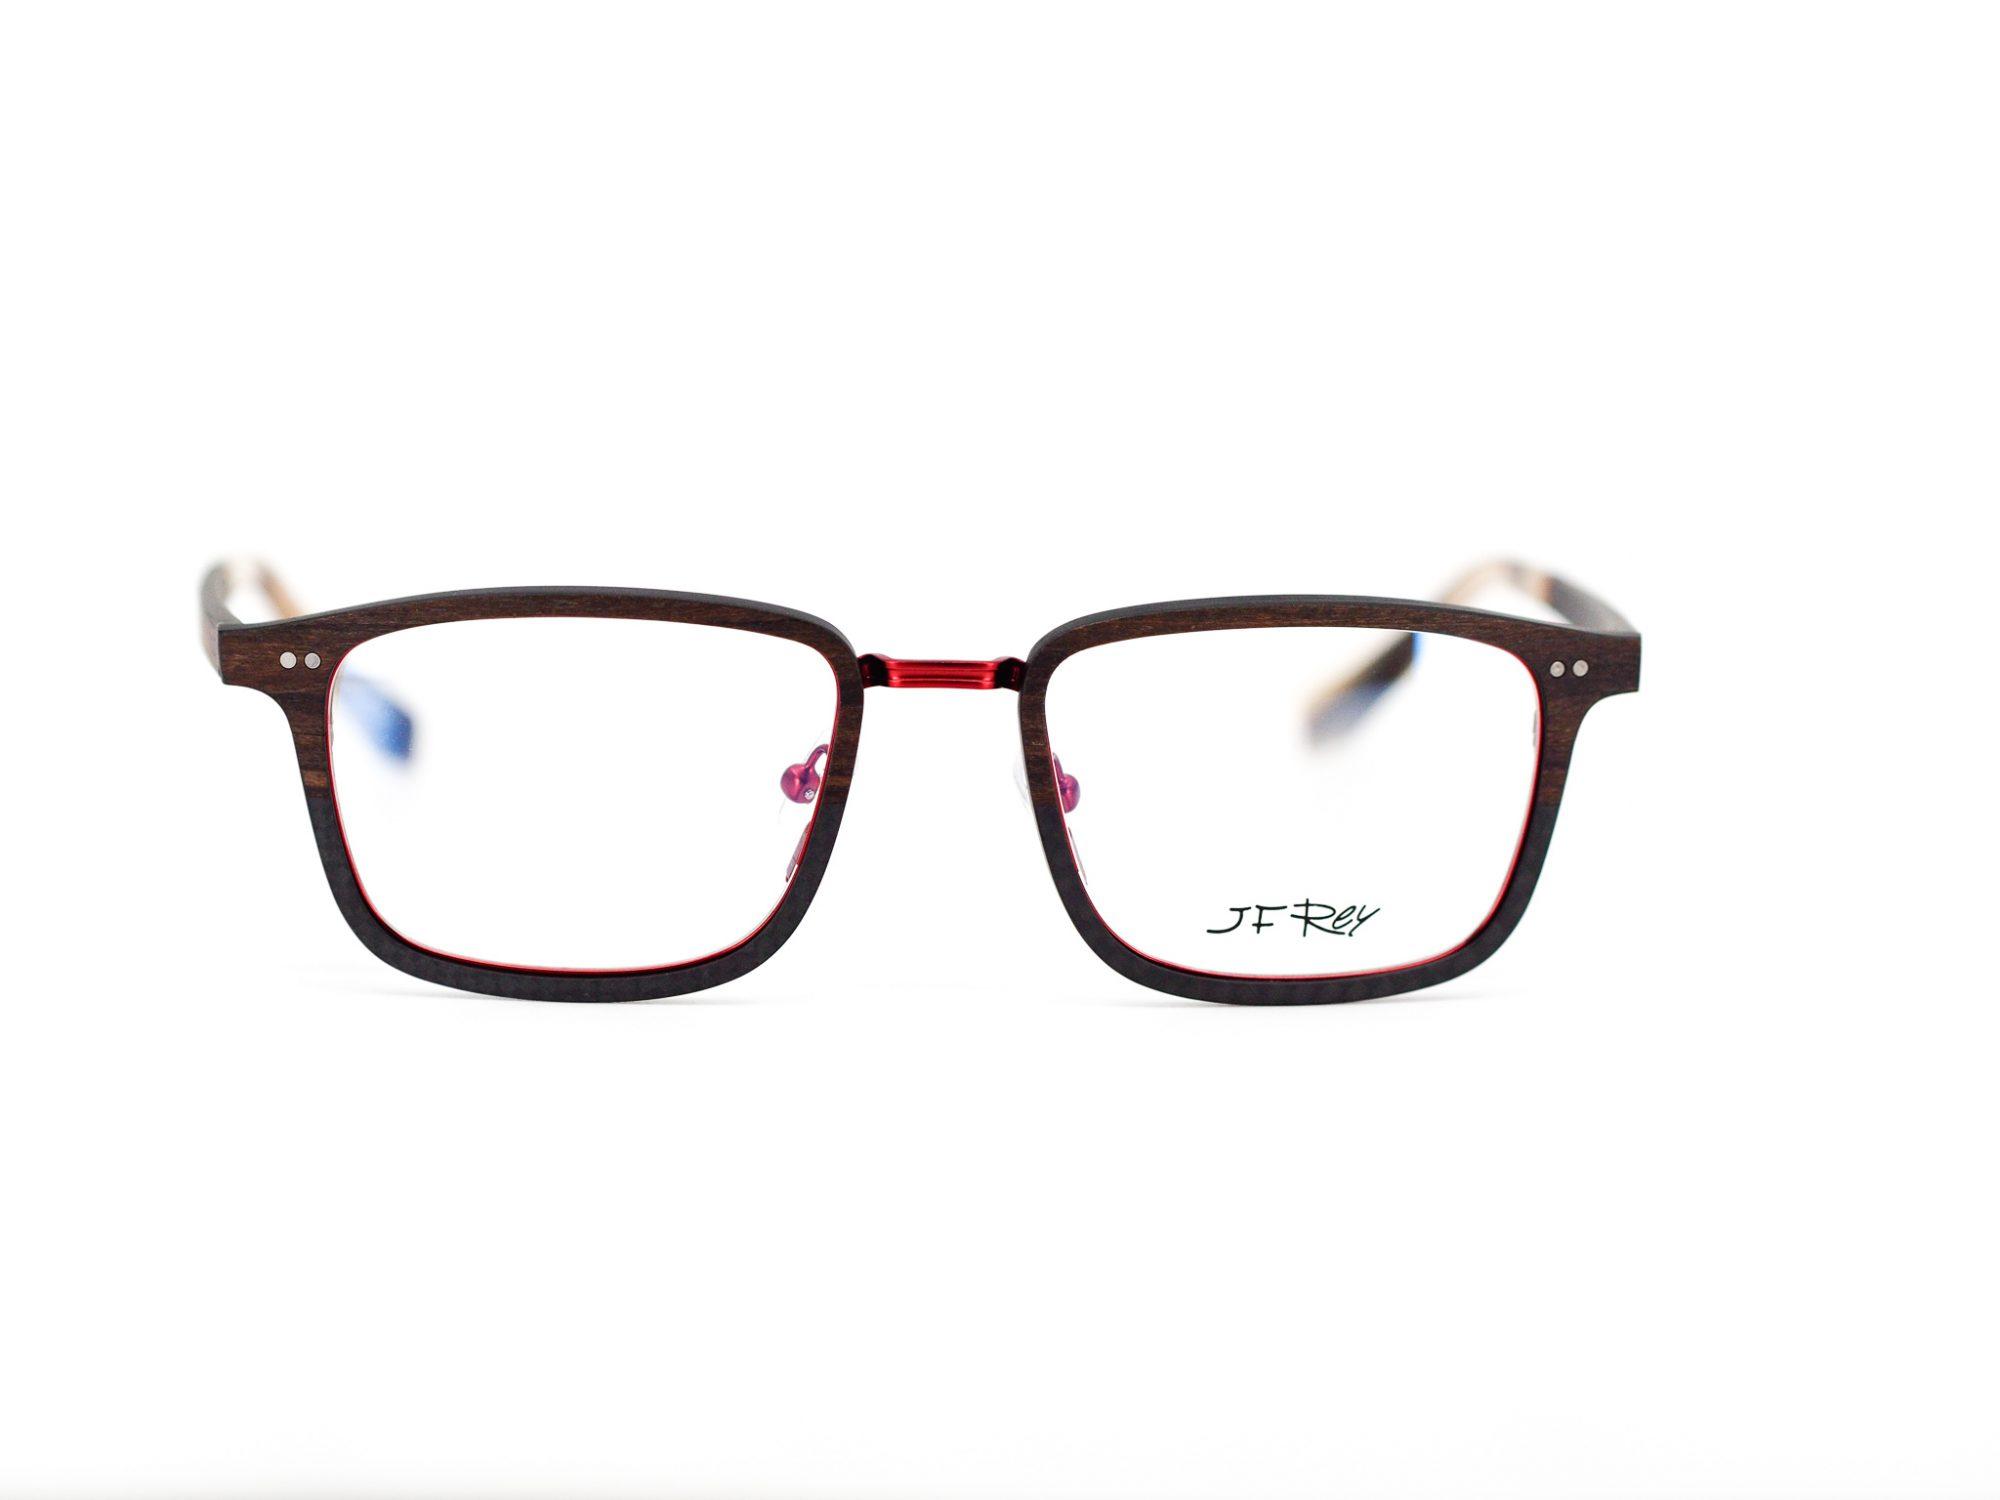 JF Rey 2900